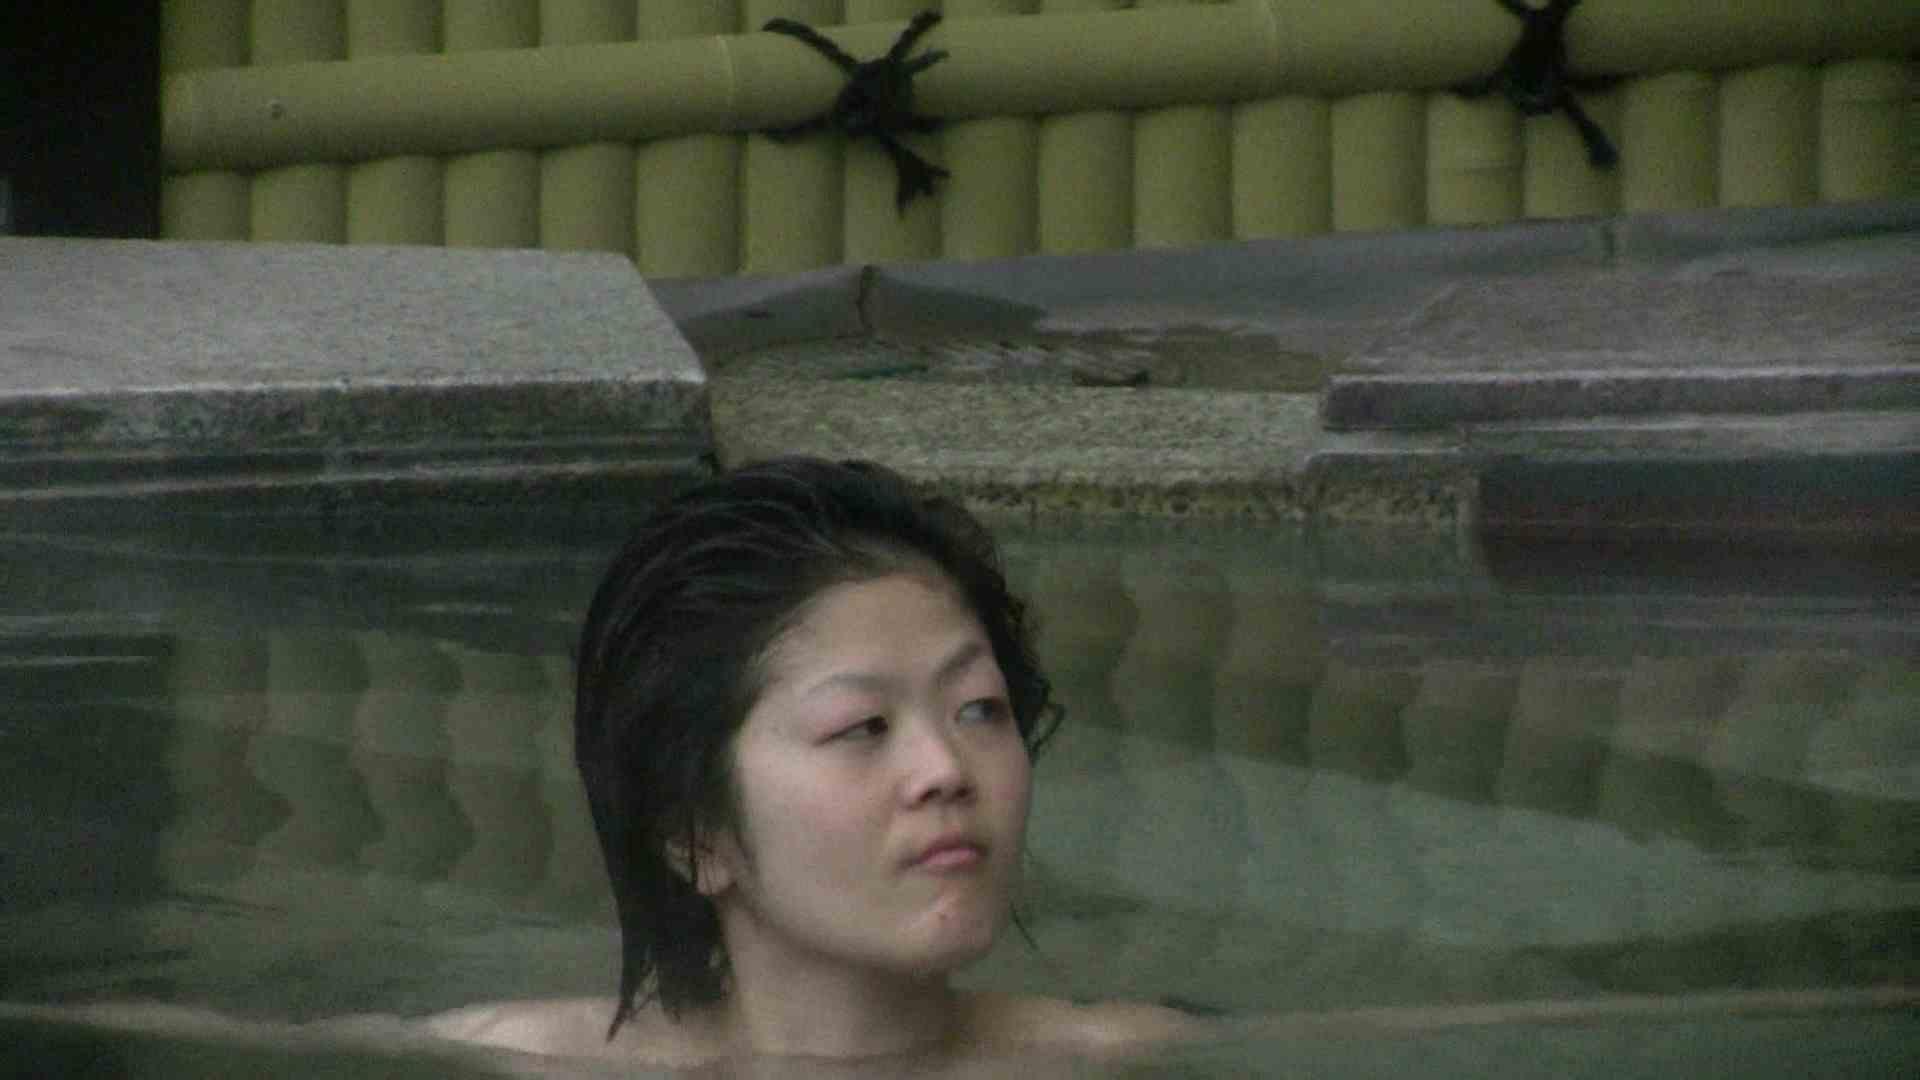 Aquaな露天風呂Vol.538 露天 | 盗撮  48pic 41